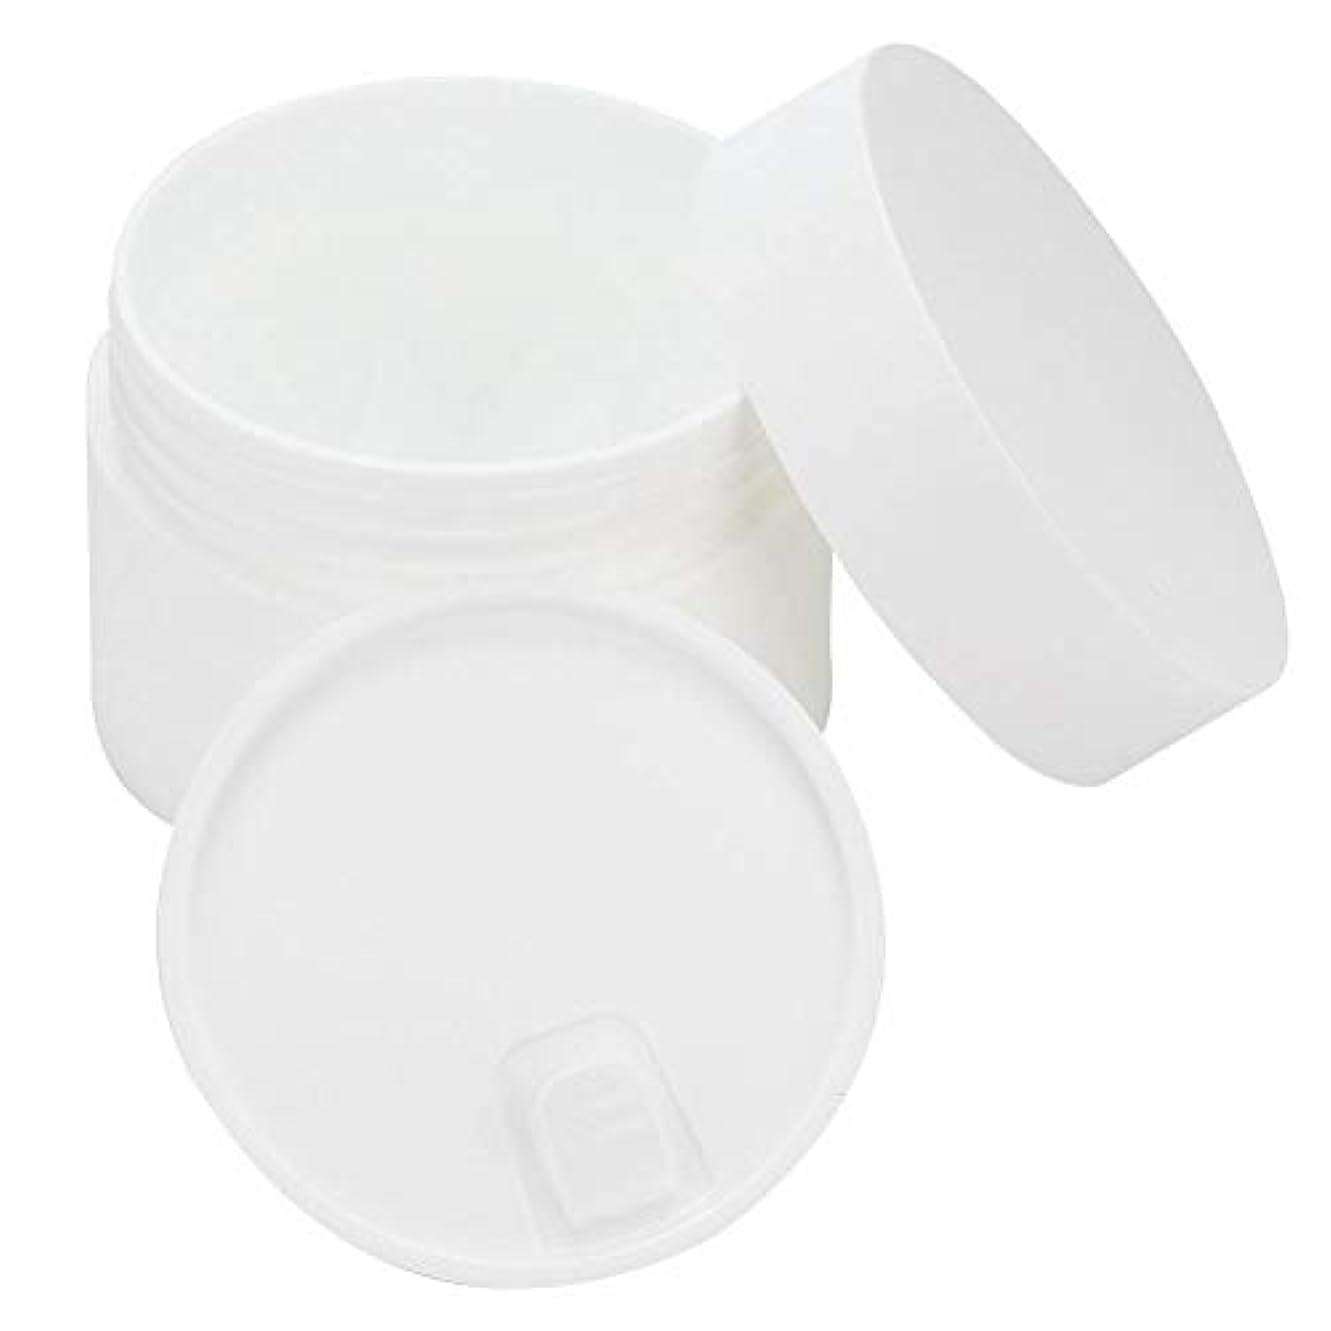 ピグマリオン姓前任者30g空の旅行フェイシャルクリームボトル充填可能なスキンケア製品容器ボトルDIYマスクボトル